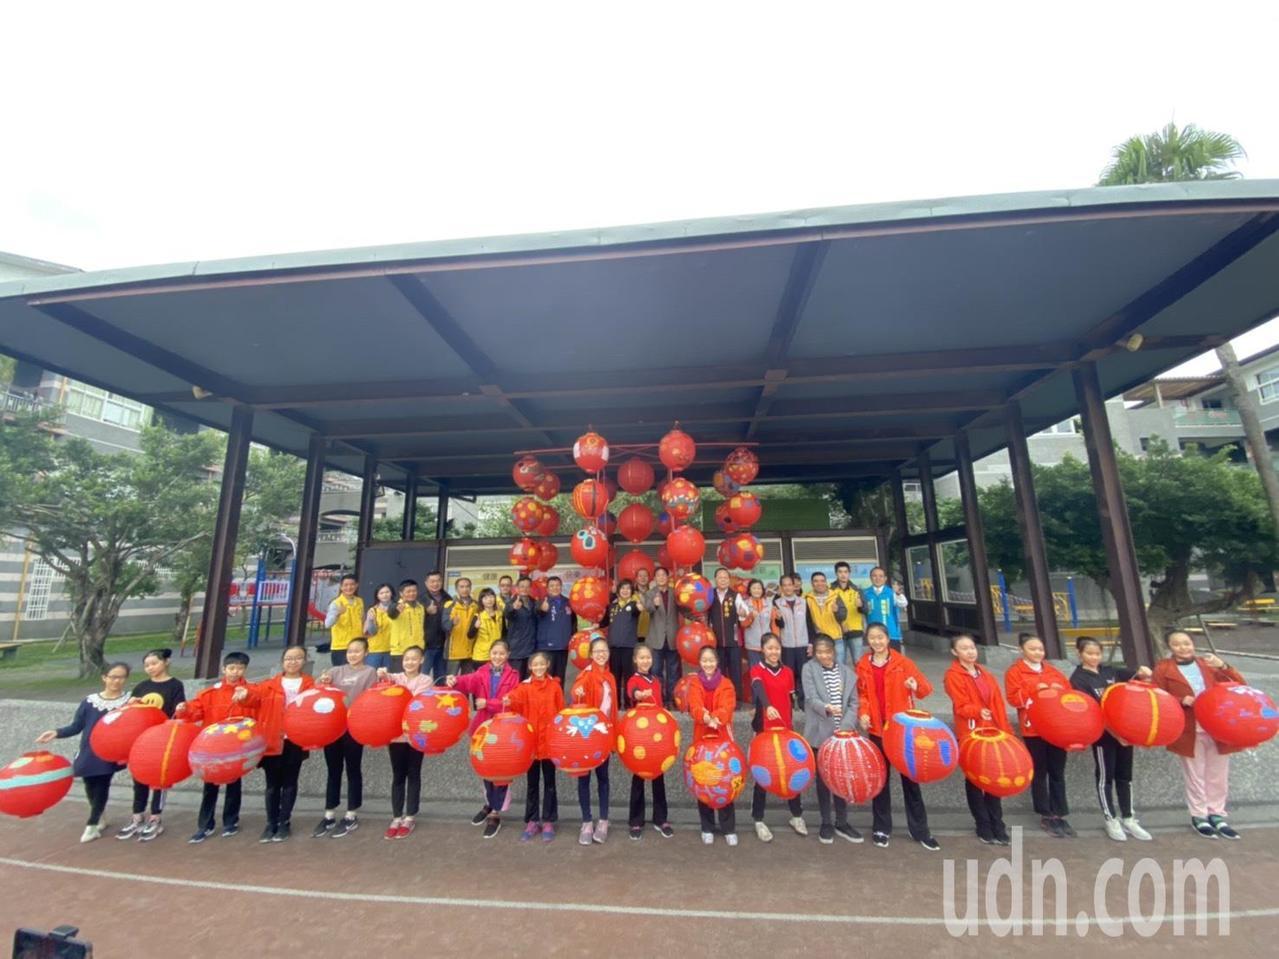 2020羅東迎春,宜蘭縣羅東鎮公所將在羅東夜市旁的中山公園廣場,打造一座號稱全國...